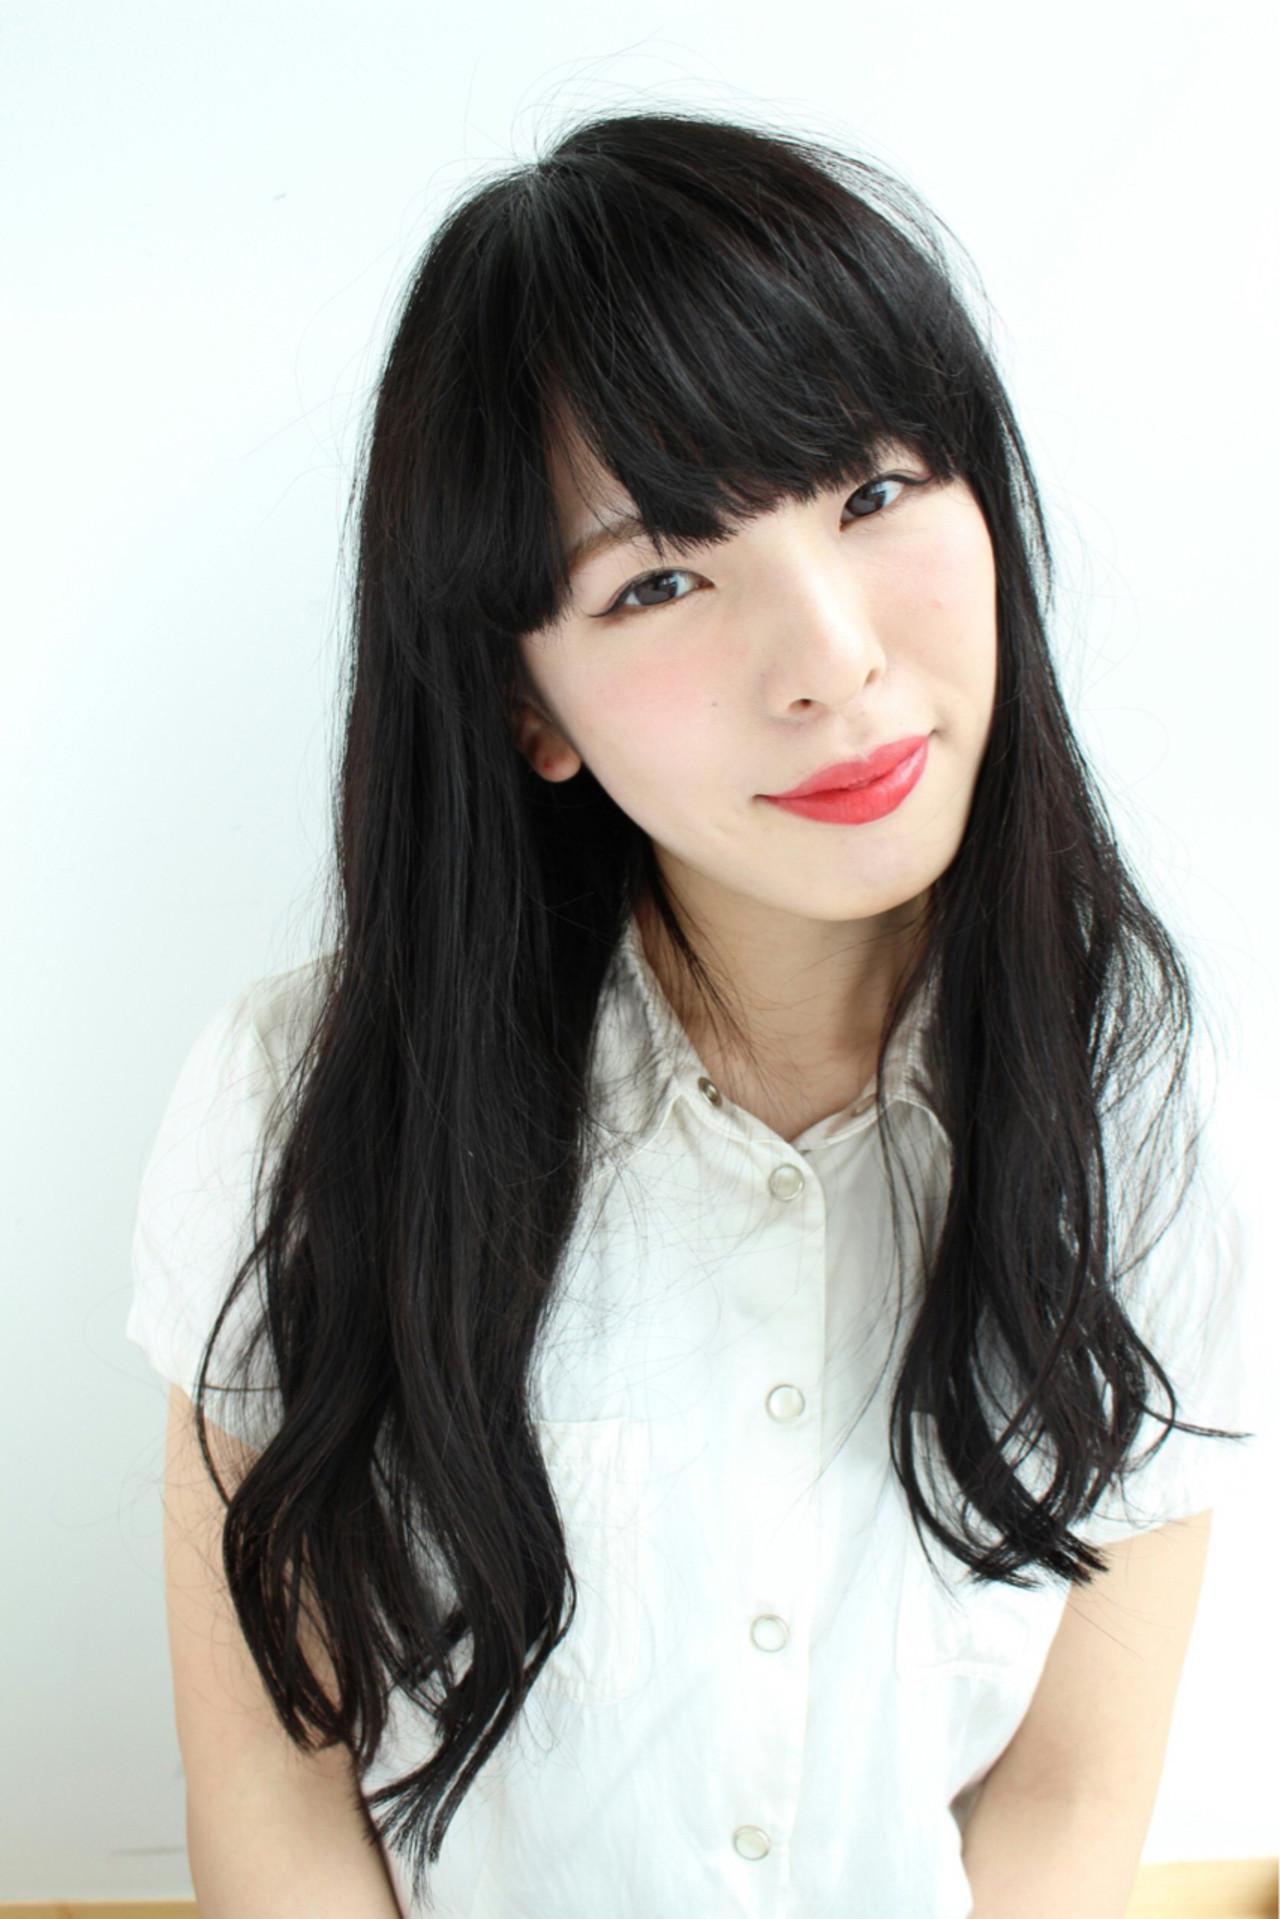 ナチュラル 艶髪 ゆるふわ 大人かわいい ヘアスタイルや髪型の写真・画像 | 三上 奈巳 / Spin hair 烏丸店